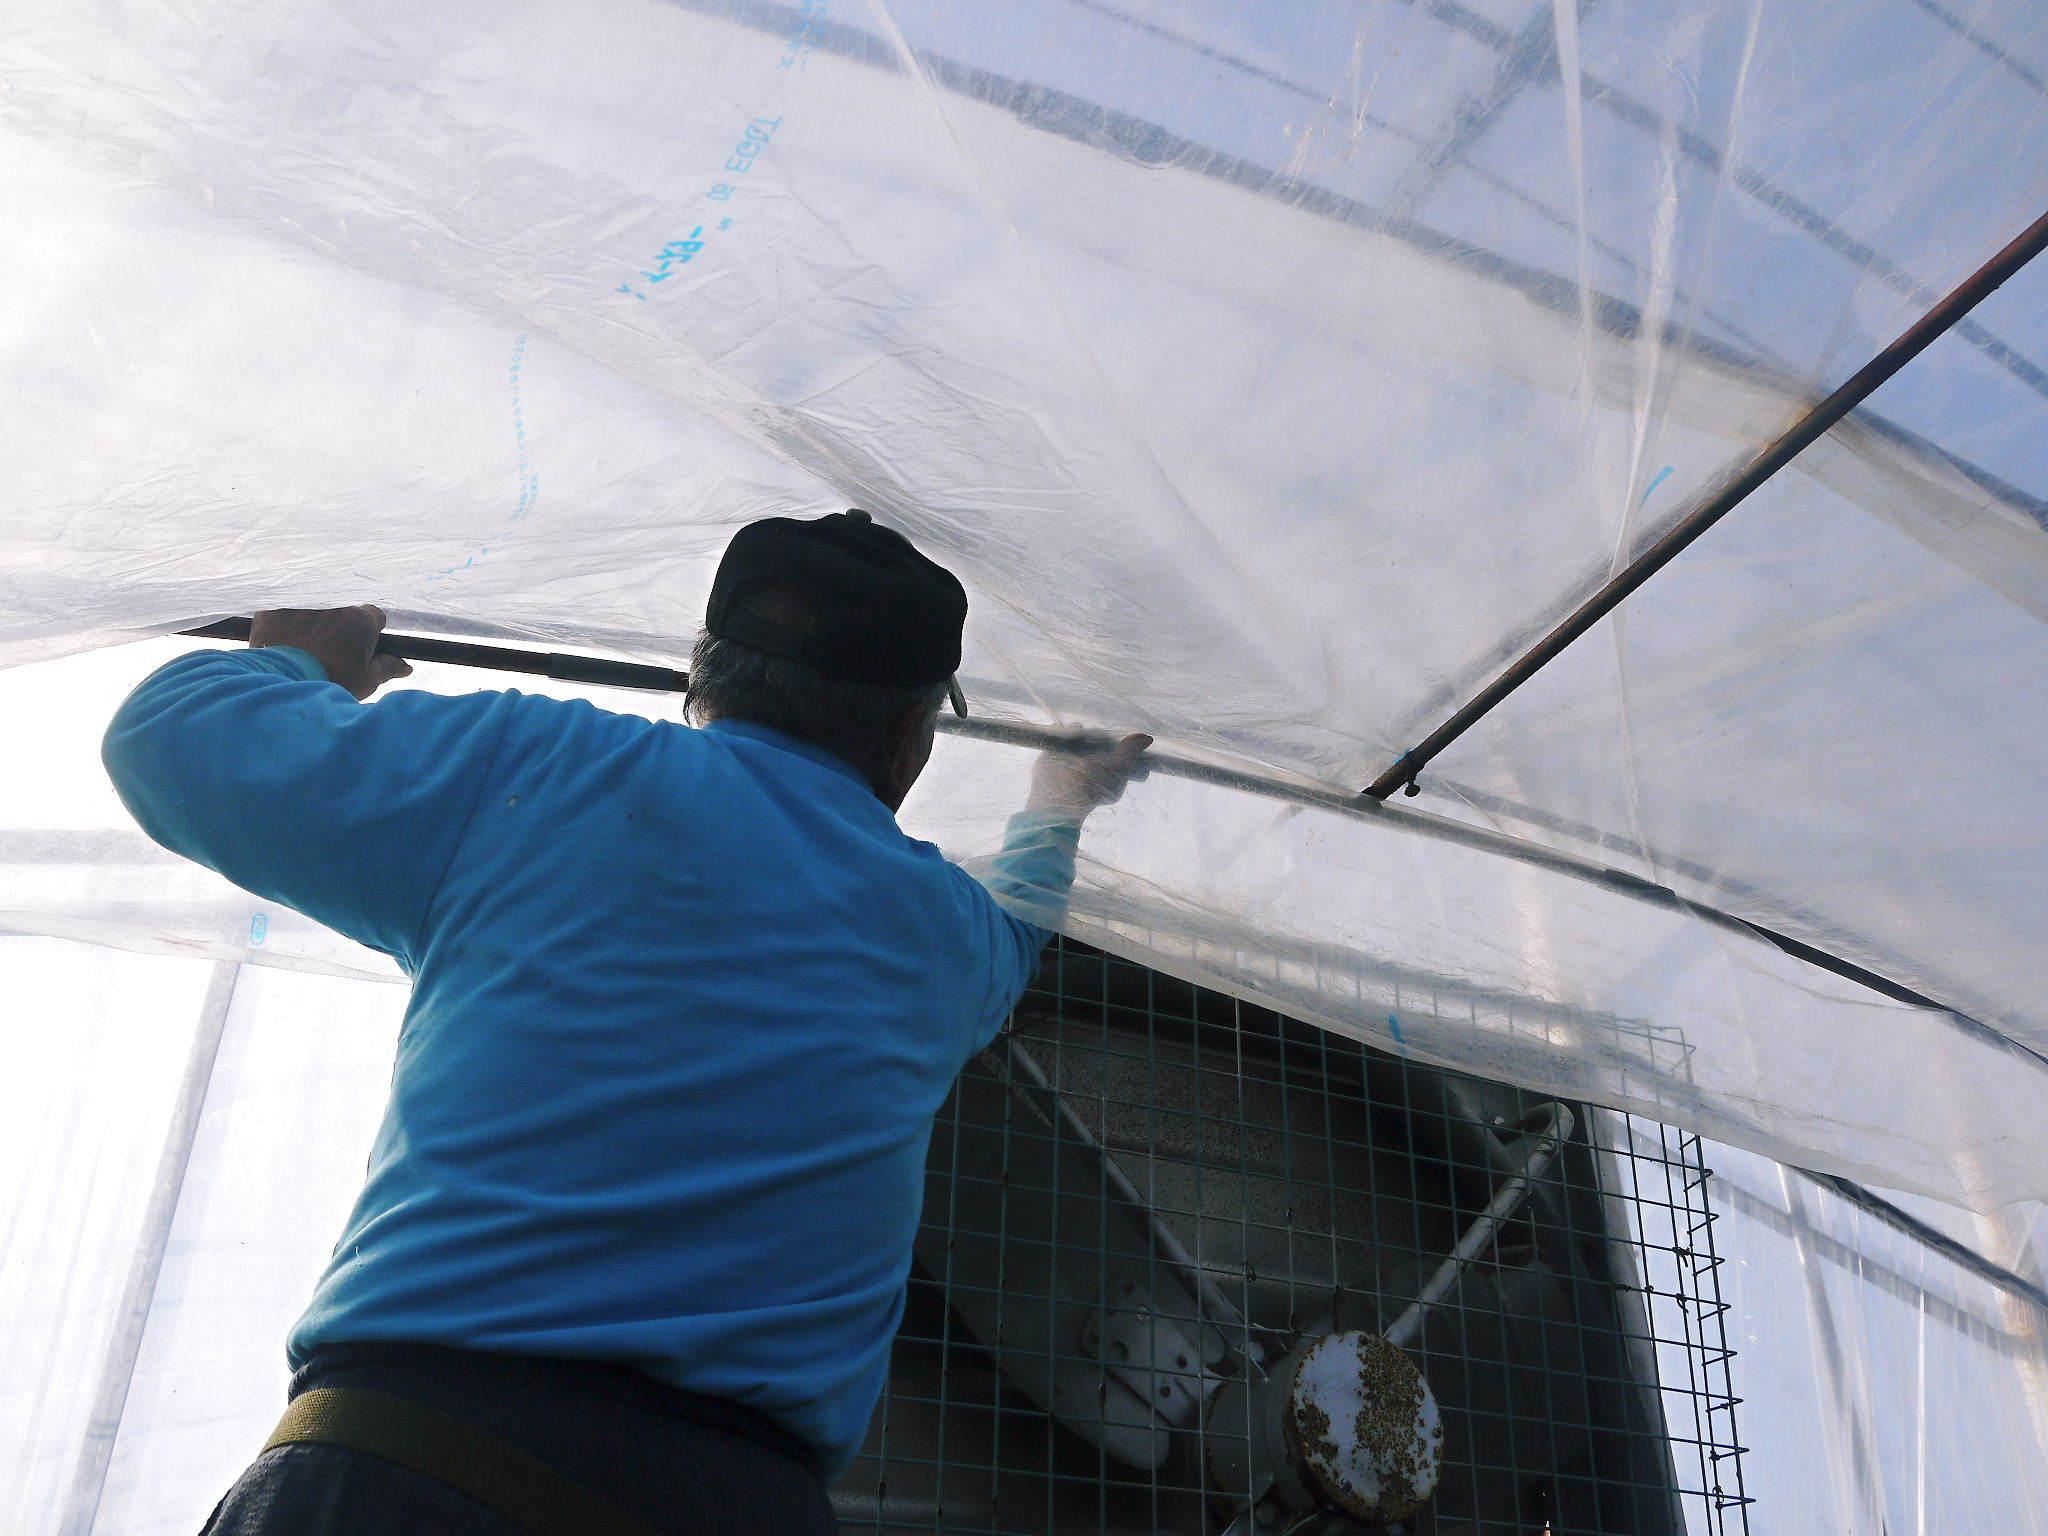 熊本ぶどう 社方園 ハウスの内張り作業を熊本農業高校からの農業実習と共に行っています(2020)後編_a0254656_15392683.jpg